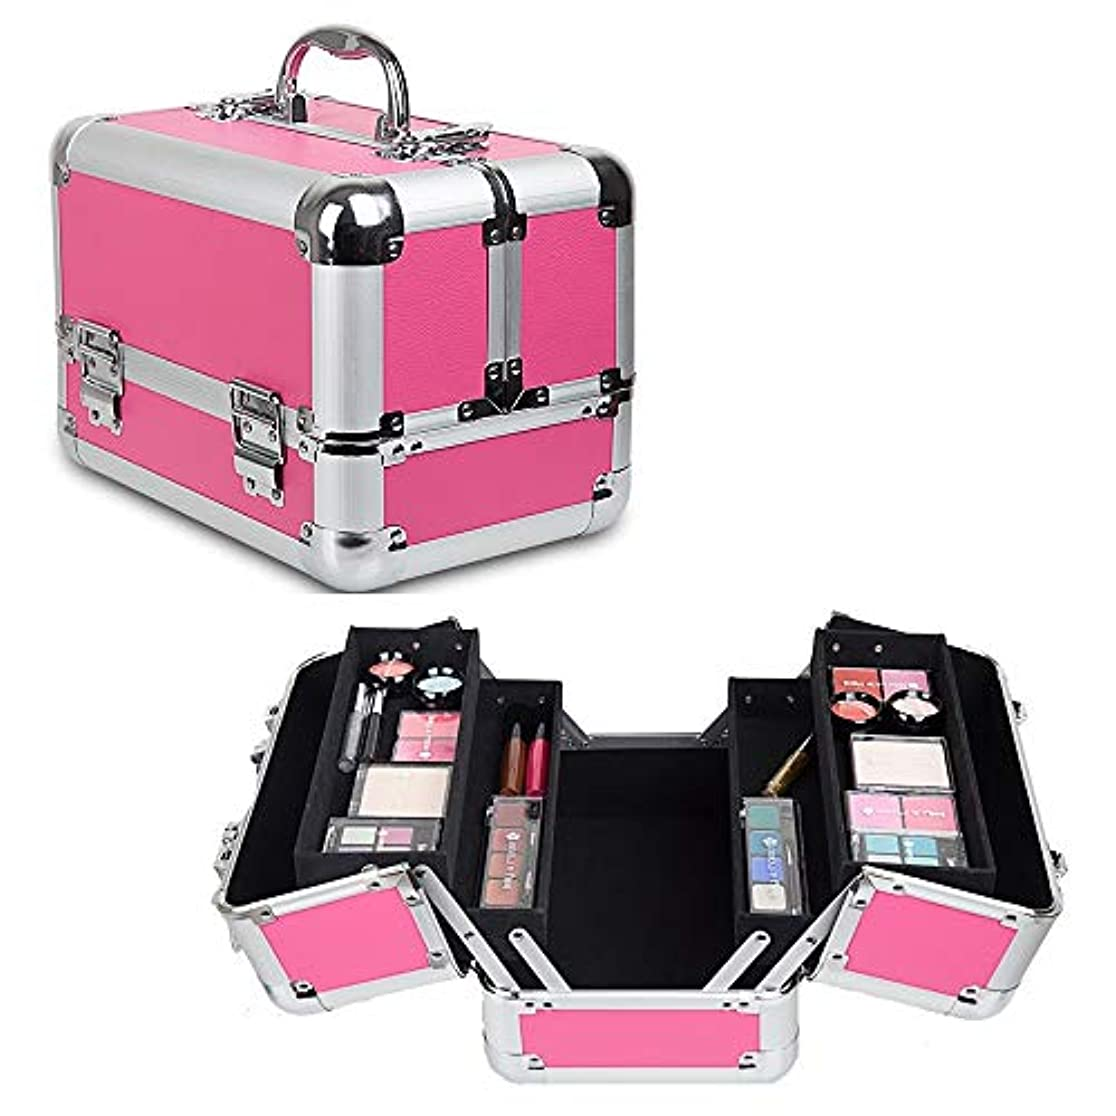 裁定者実現可能性化粧オーガナイザーバッグ メイクアップトラベルバッグストレージバッグ防水ミニメイクアップケース旅行旅行のための 化粧品ケース